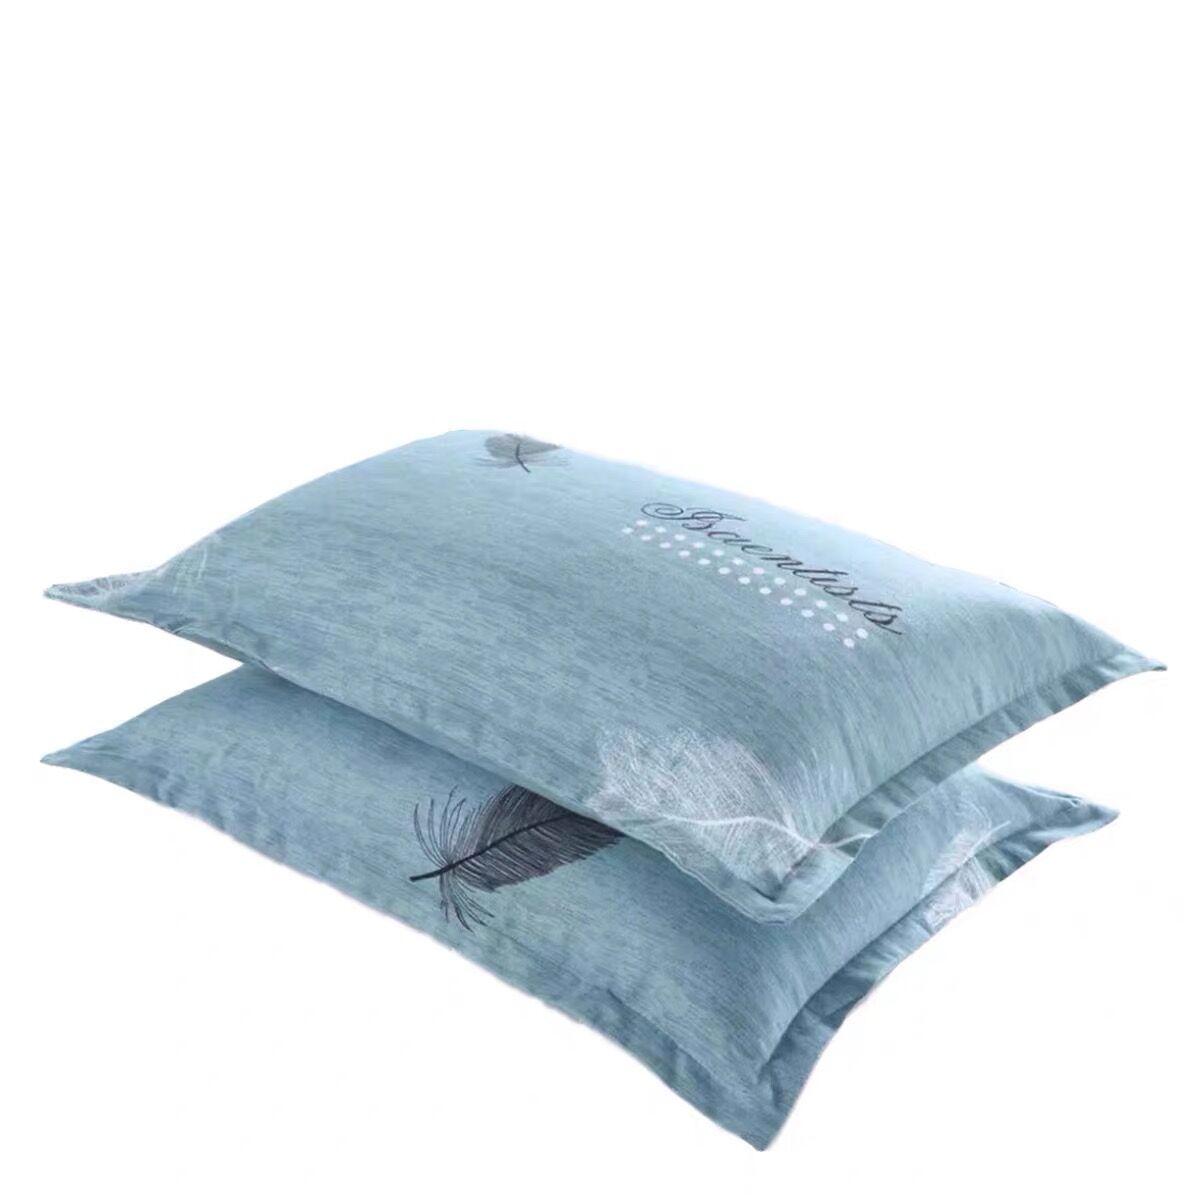 枕头枕芯一对装家用酒店枕头套装护颈椎枕单人双人学生宿舍整头男